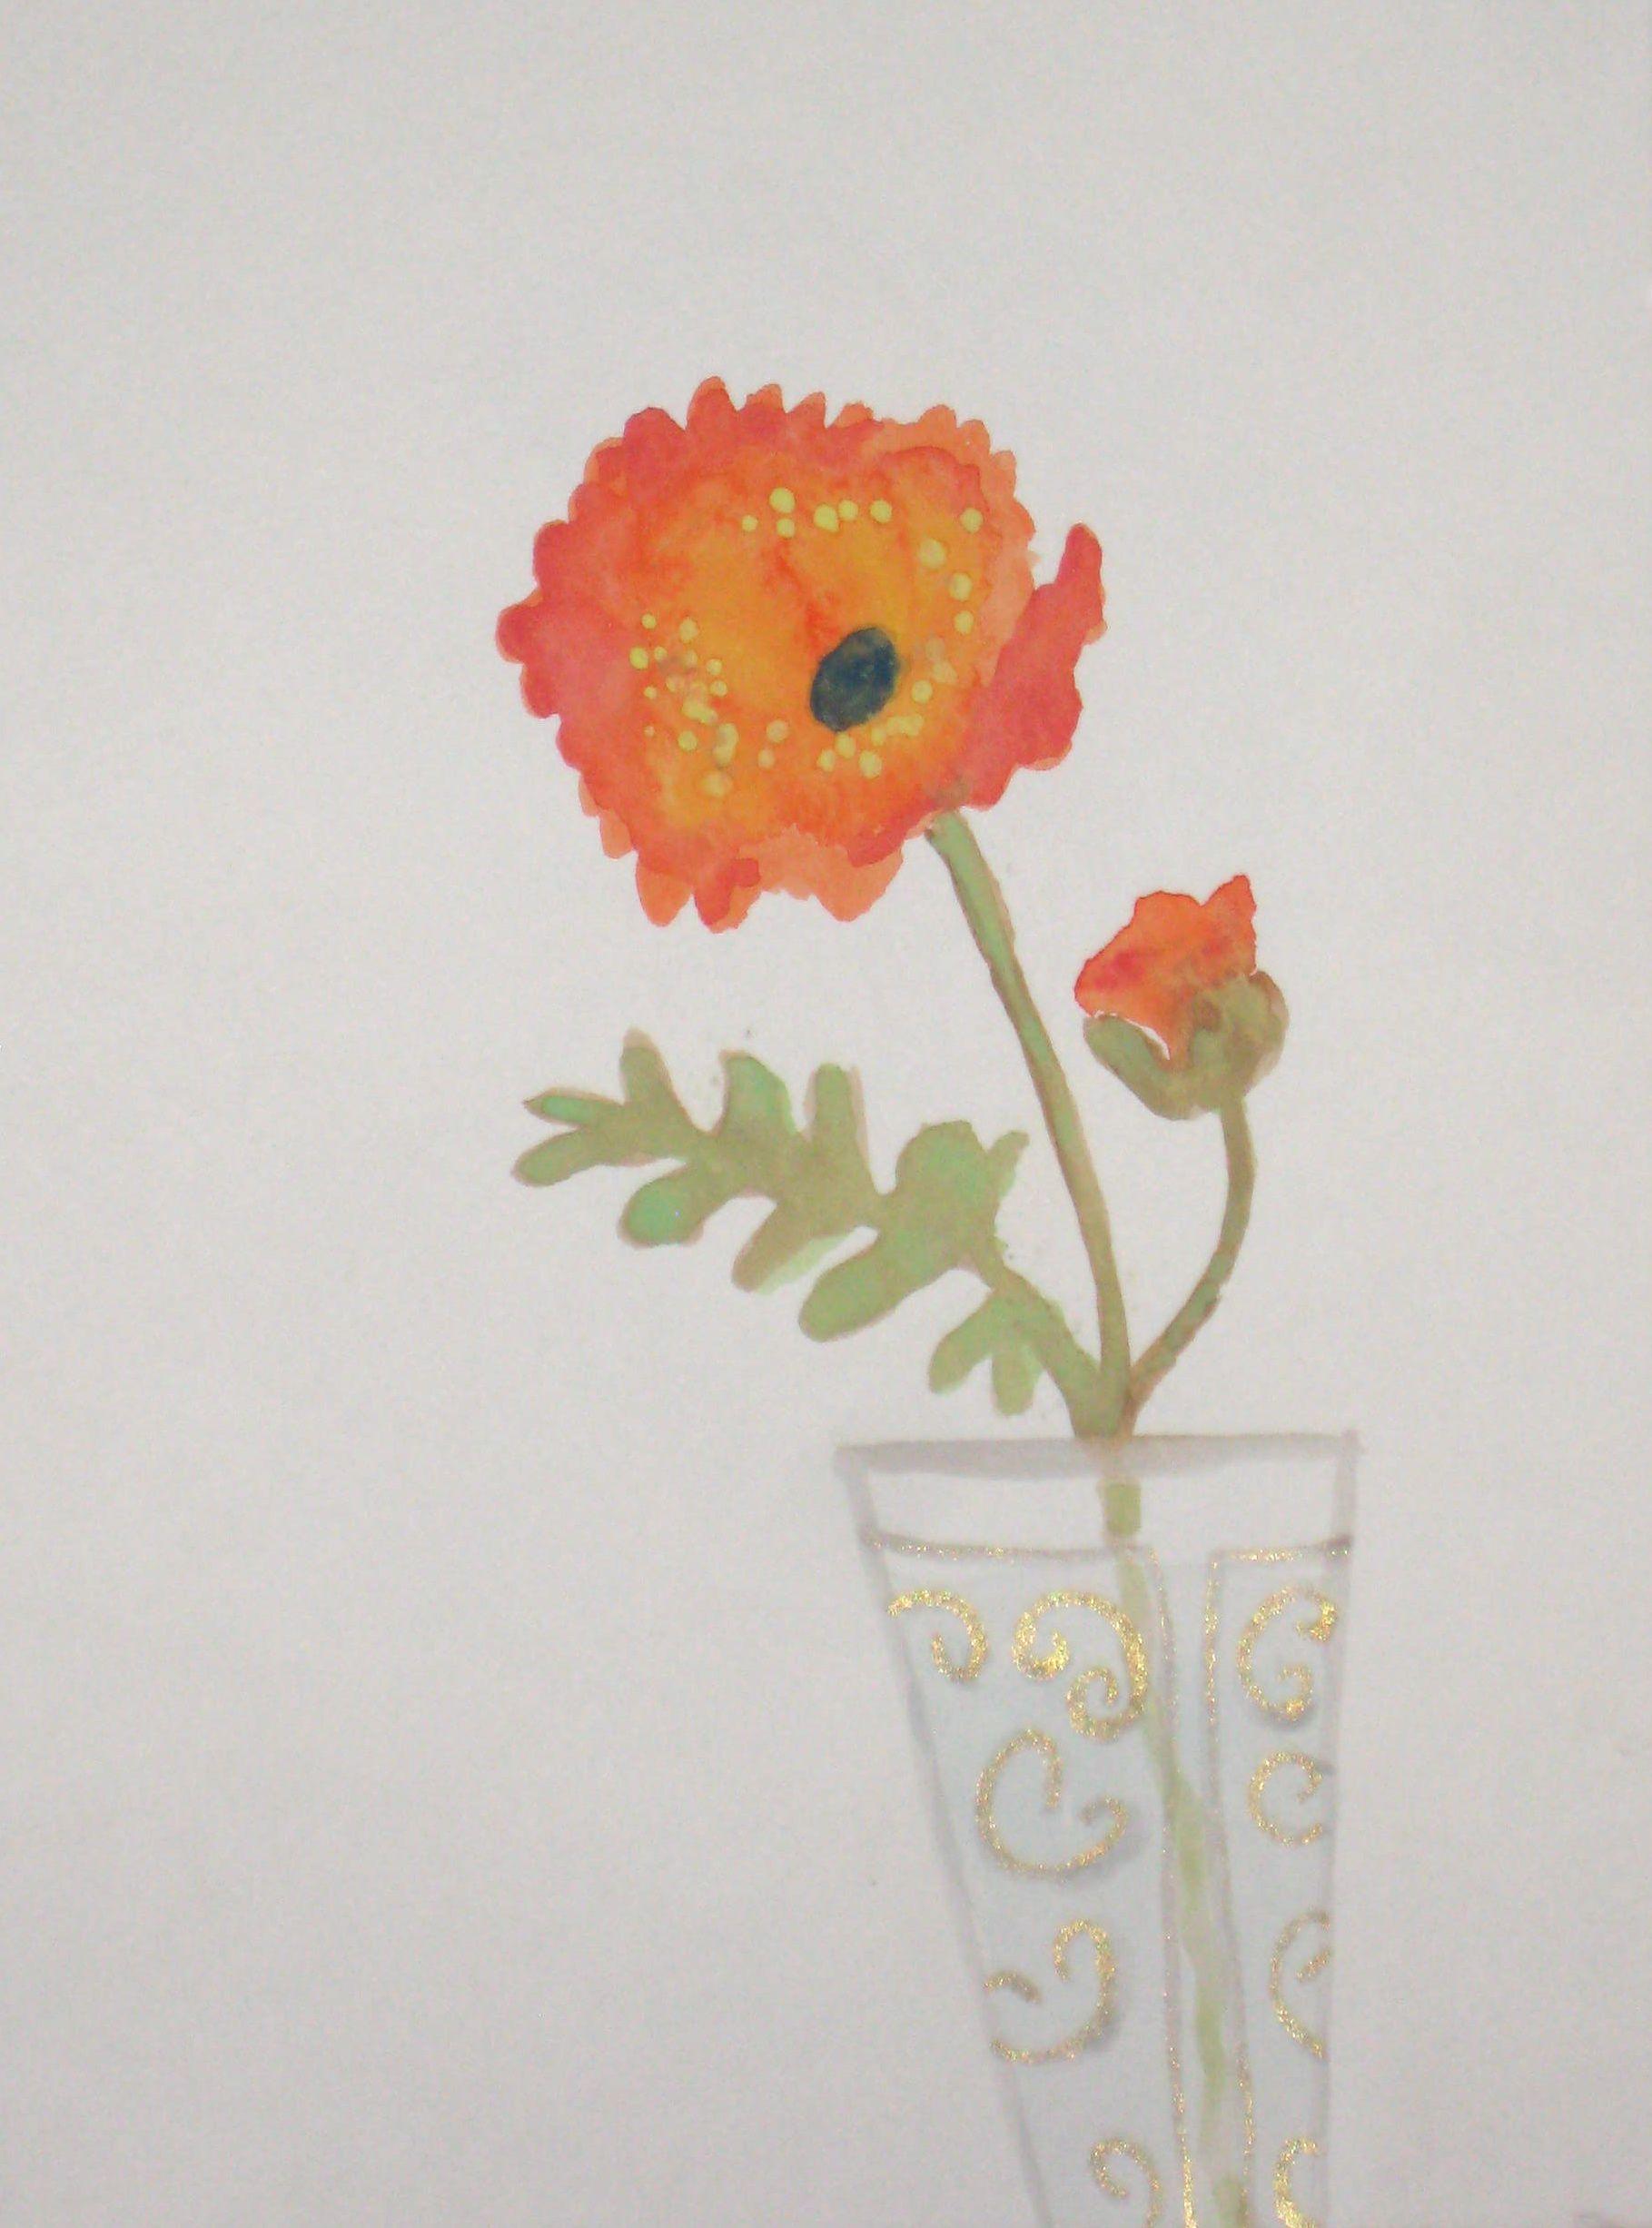 Red Poppy Flower In Vase Xoxo Nono Noelle Palm Watercolor